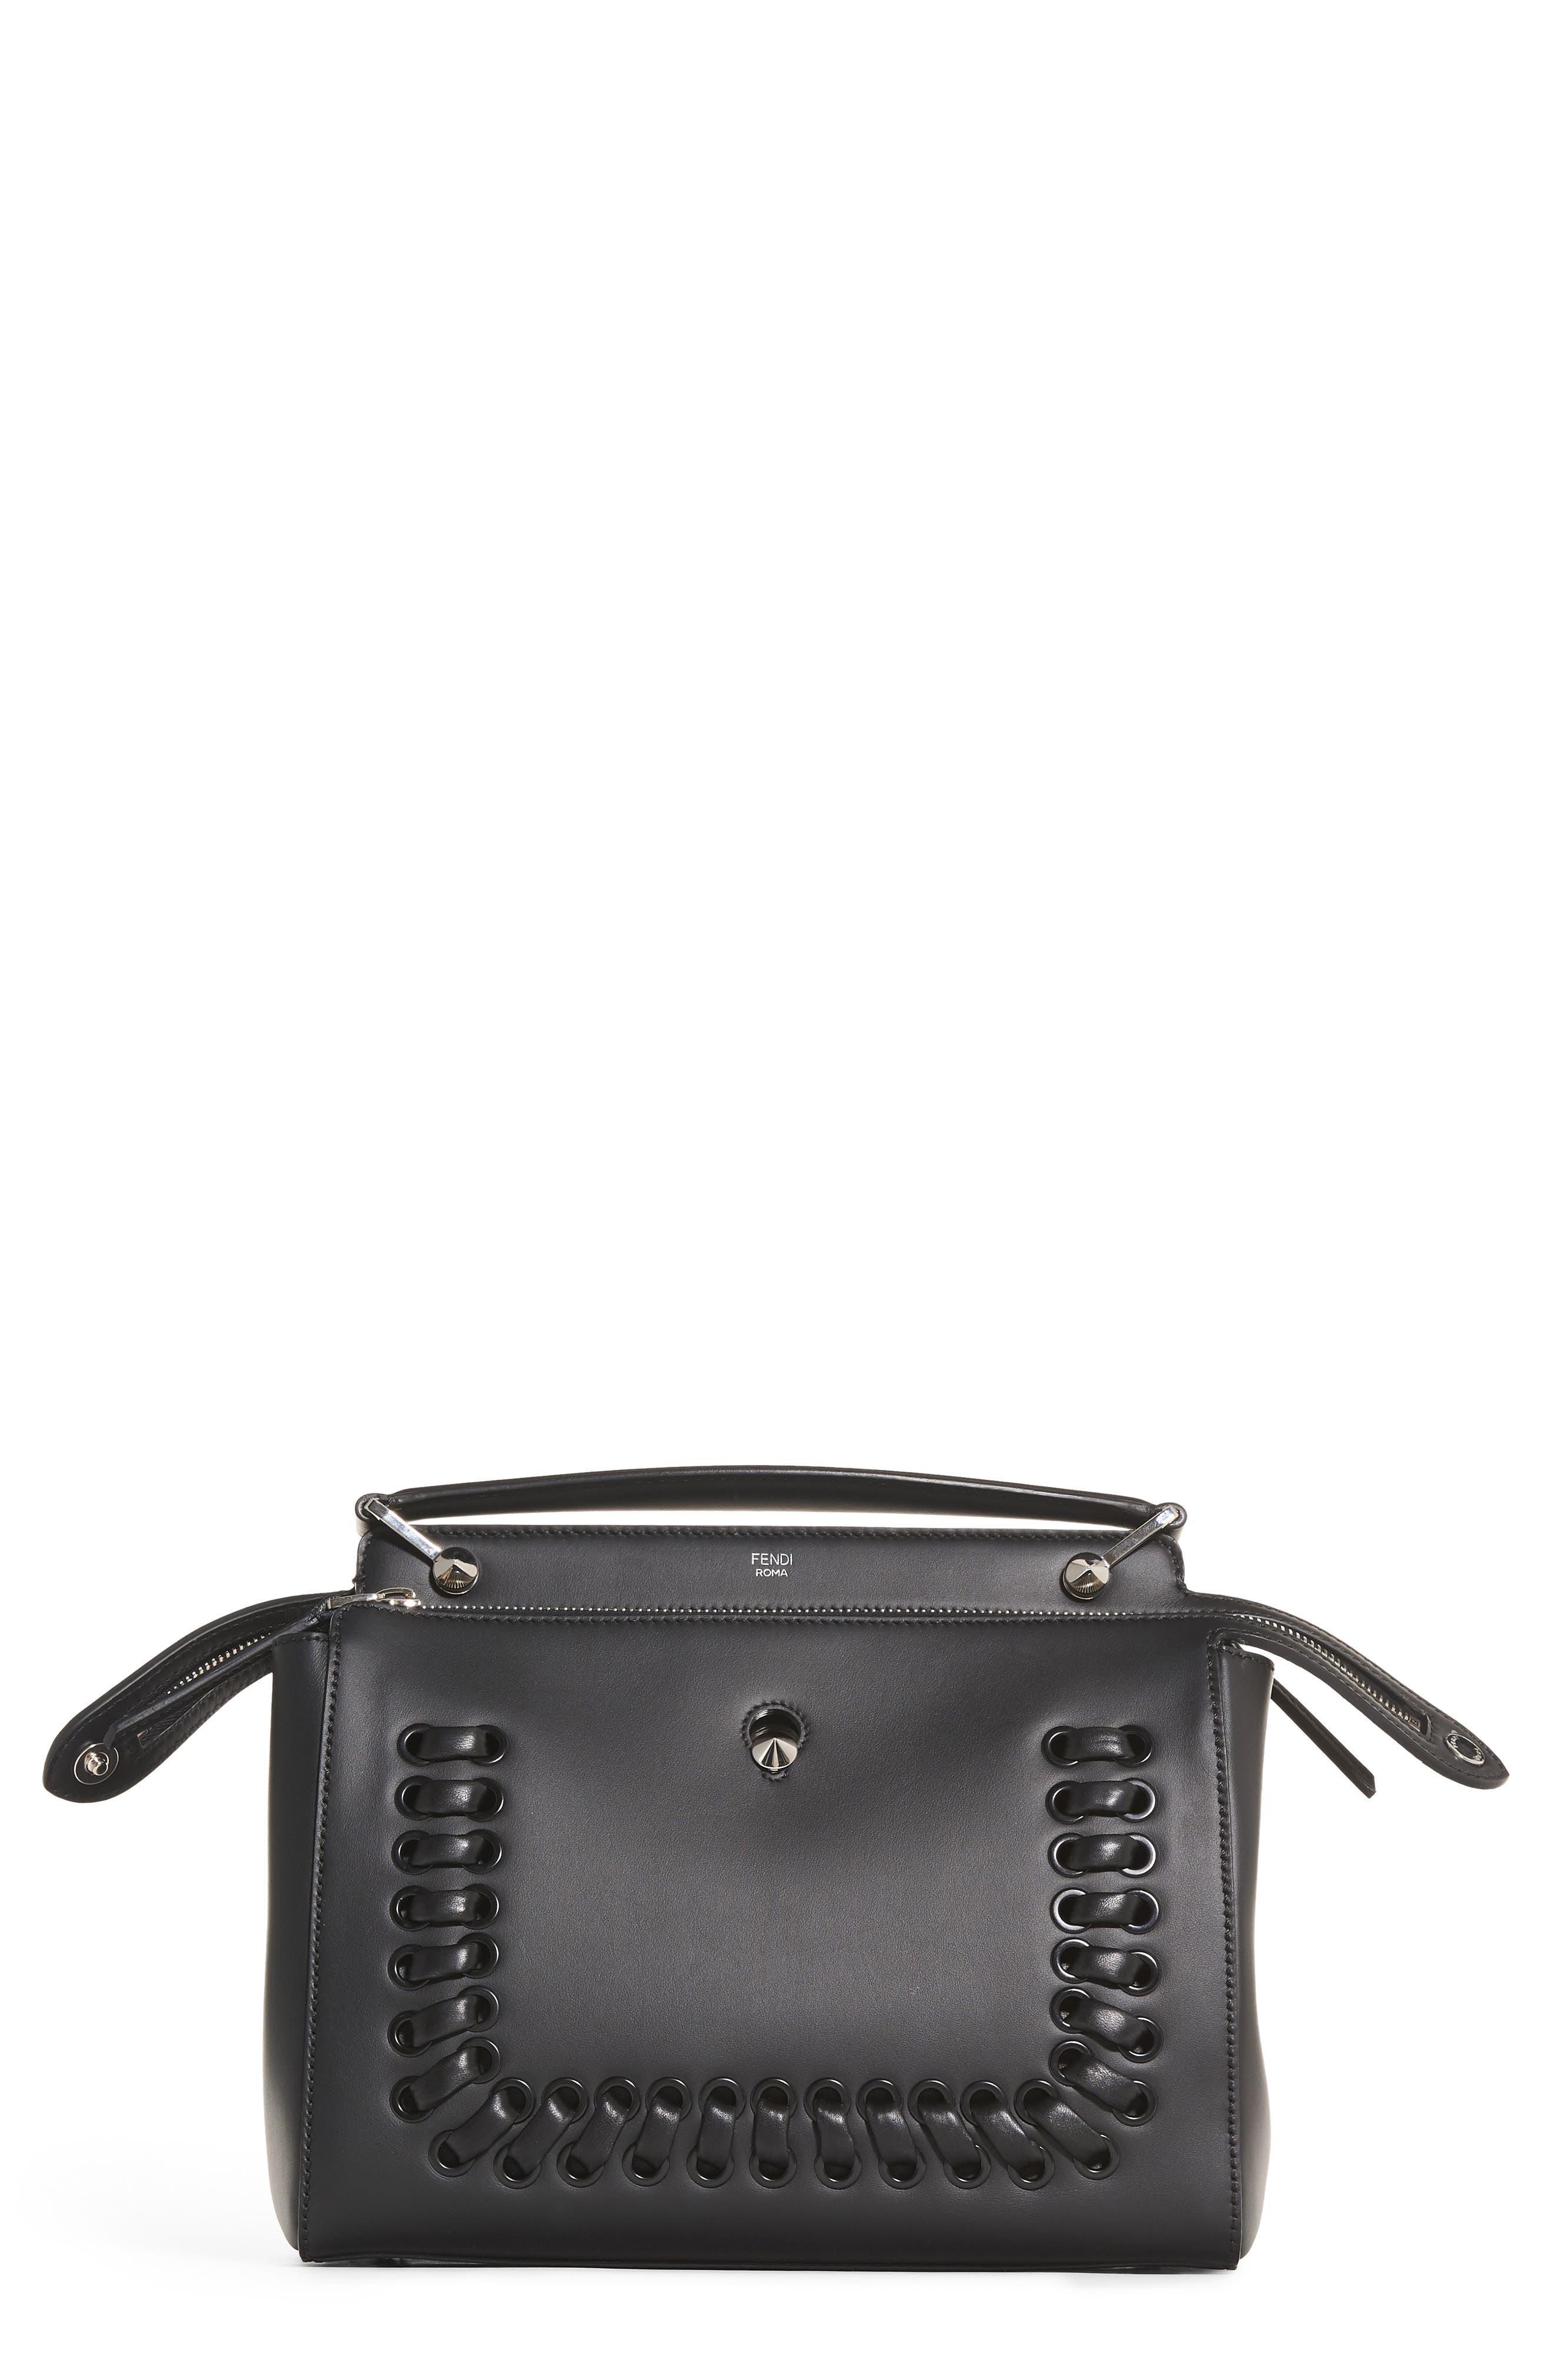 FENDI,                             'DOTCOM' Lace-Up Leather Satchel,                             Main thumbnail 1, color,                             004